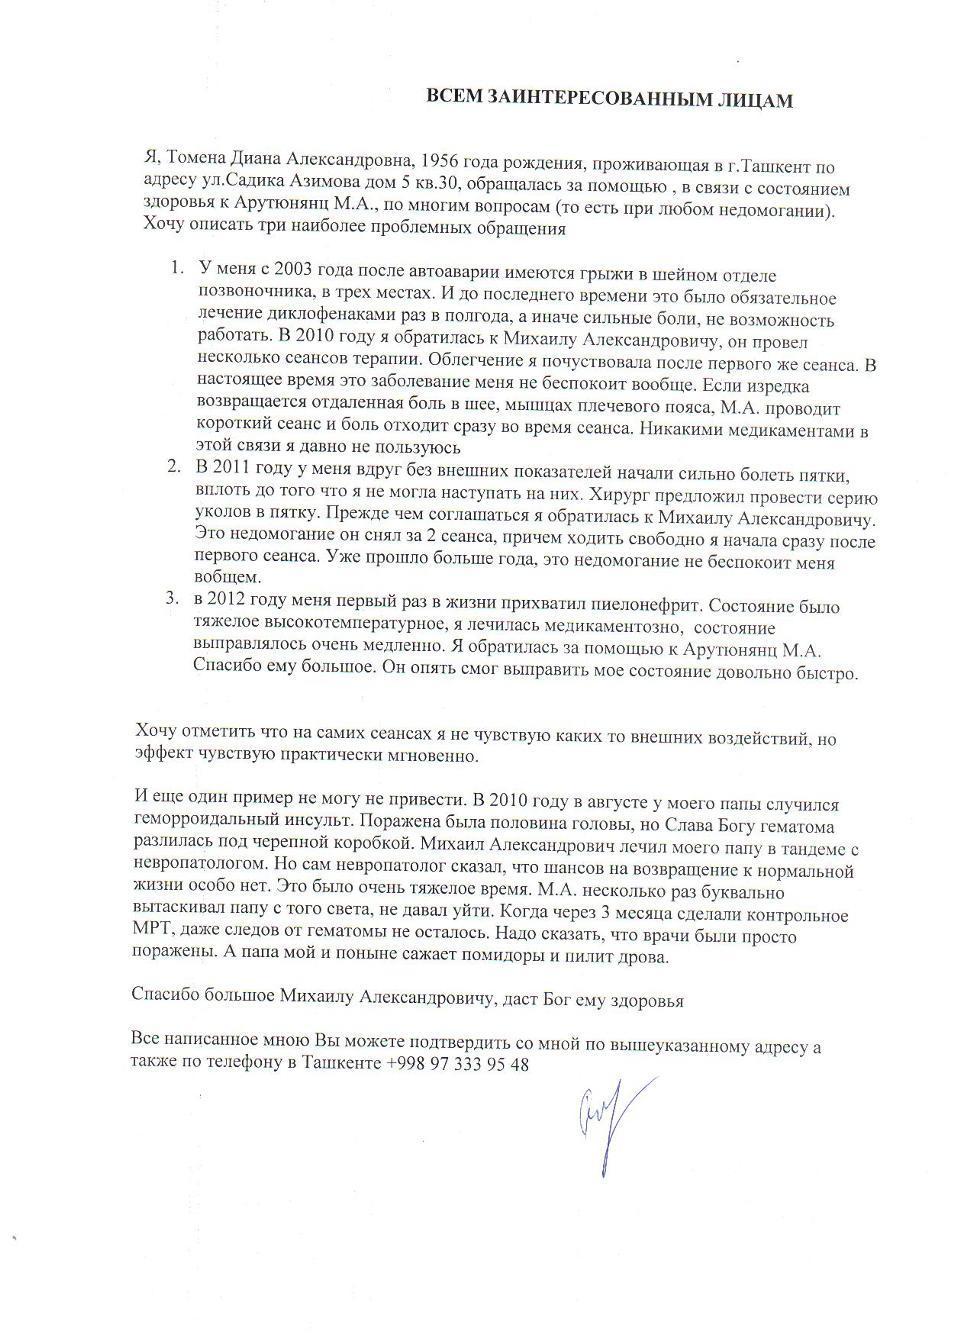 Отзыв пациентки целителя Арутюнянц - Томеной Дианы